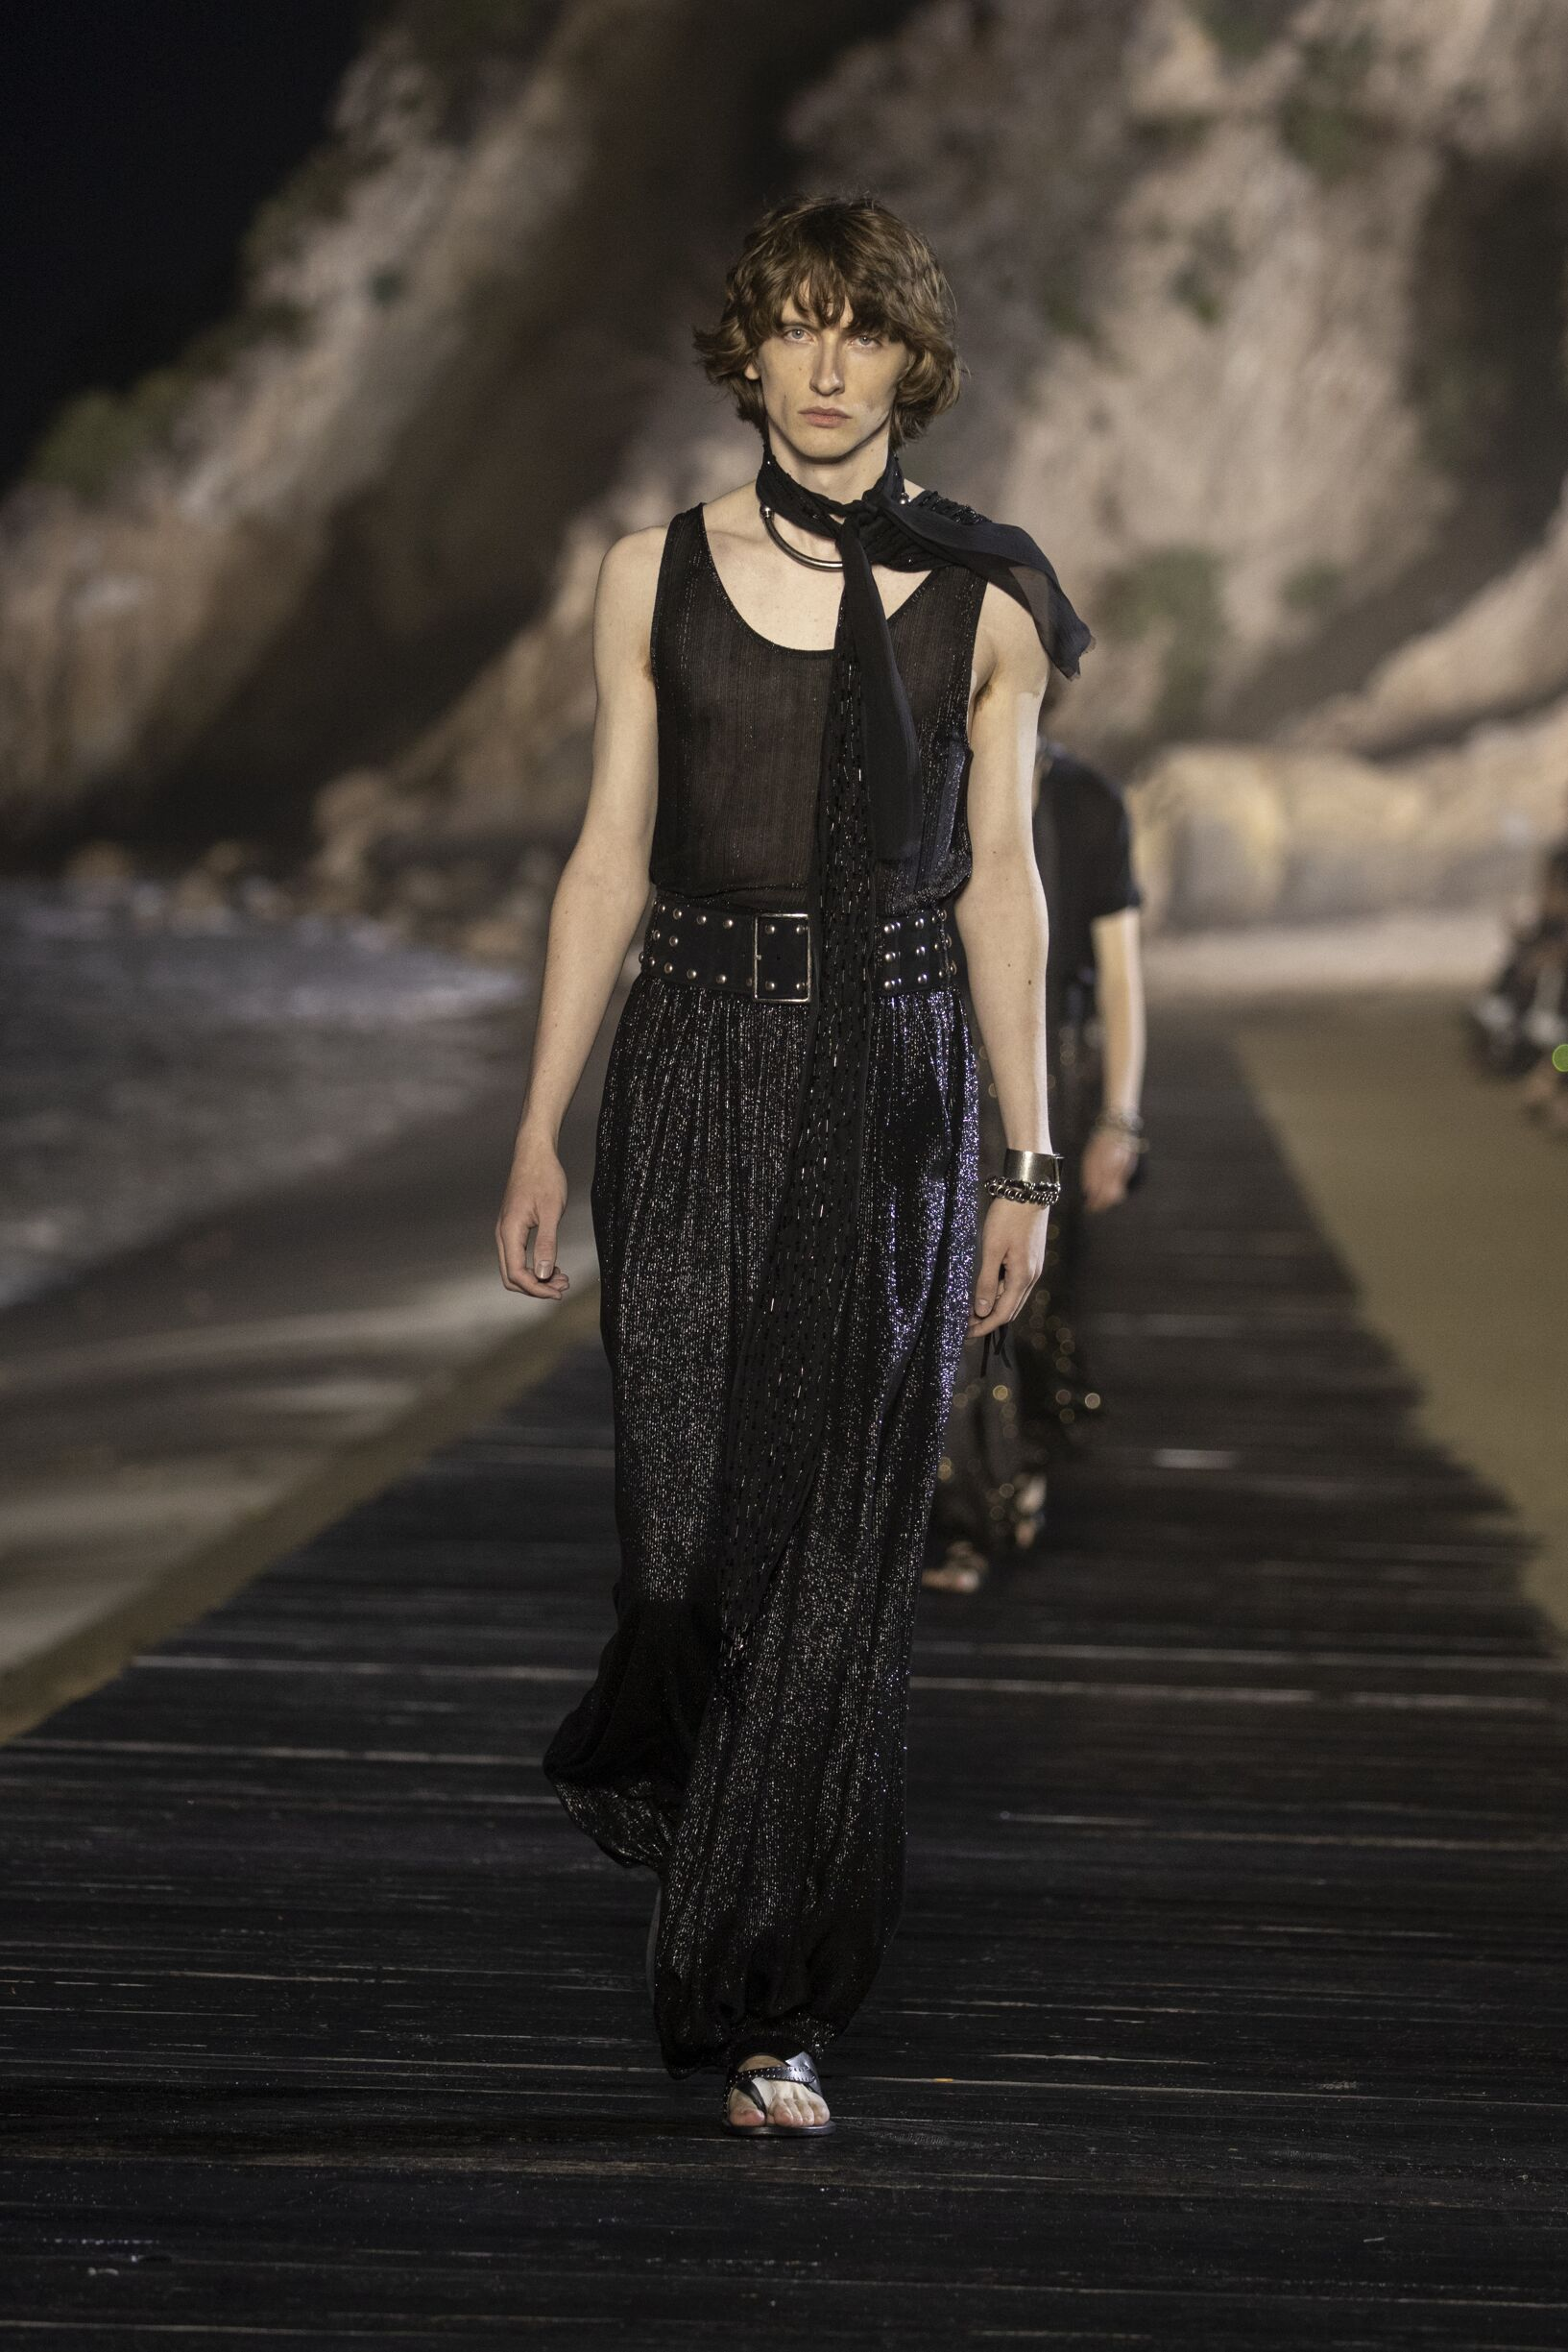 Model Fashion Show 2020 Catwalk Saint Laurent